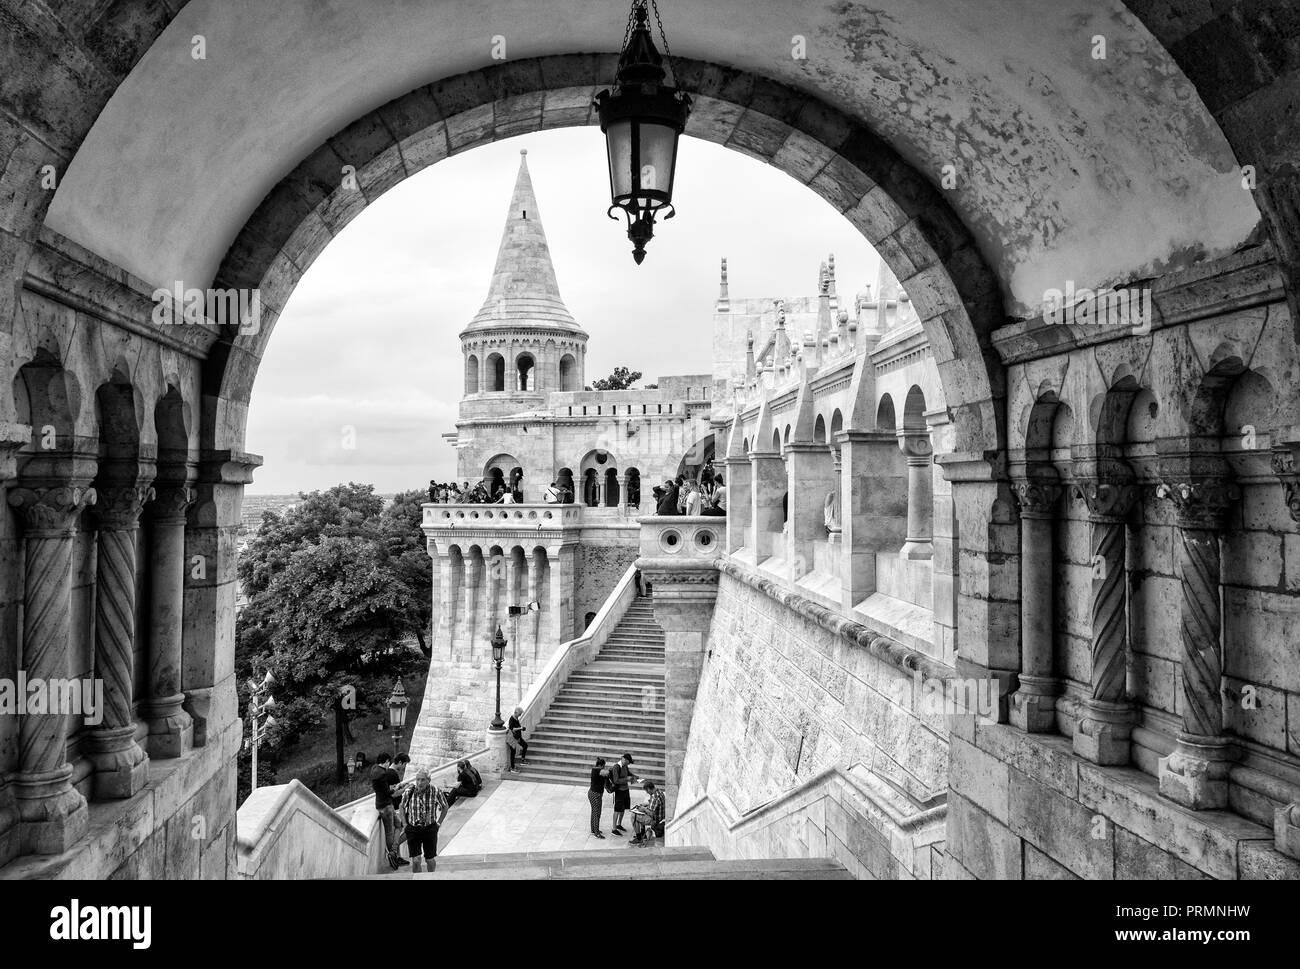 Fisherman's Bastion, Budapest, Hungary - Stock Image